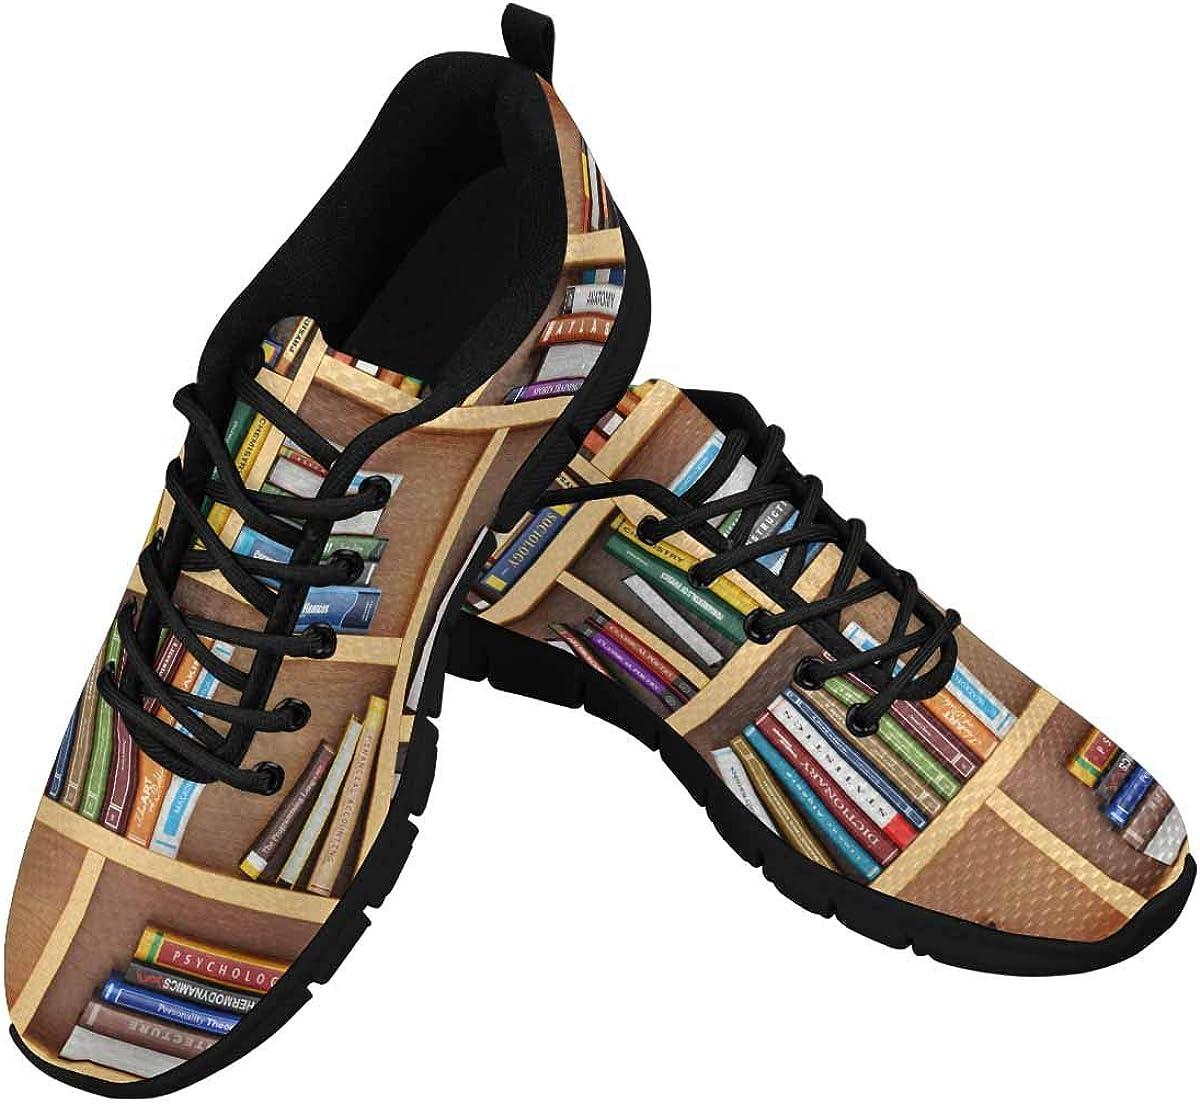 INTERESTPRINT Books on The Bookshelf Lightweight Mesh Breathable Sneakers for Women